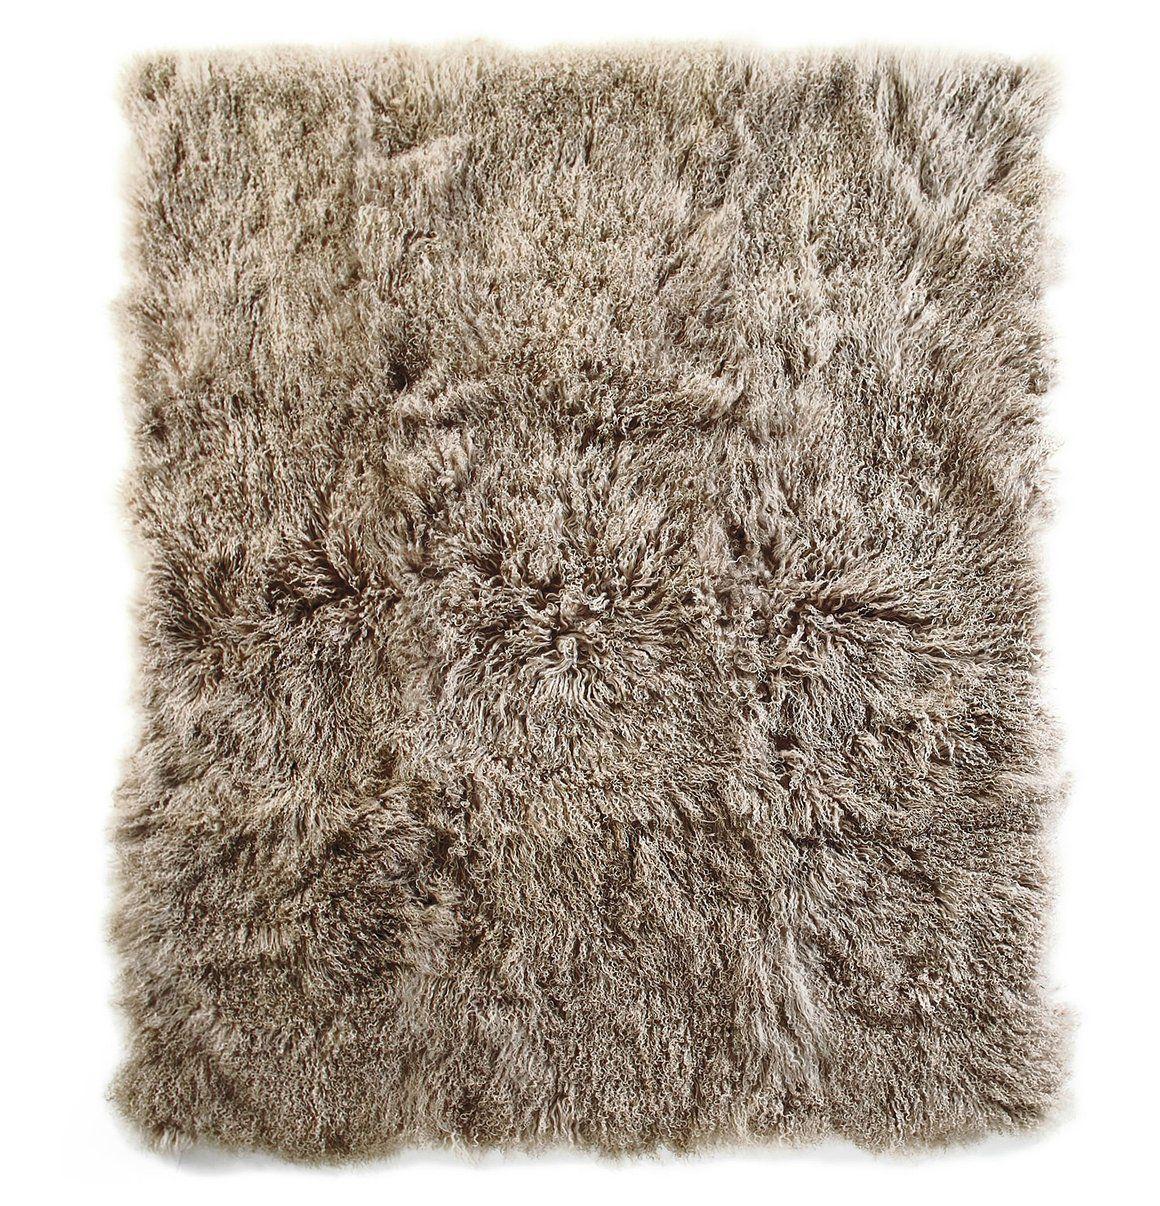 Tibetan Sheepskin Throw - Parker Wool